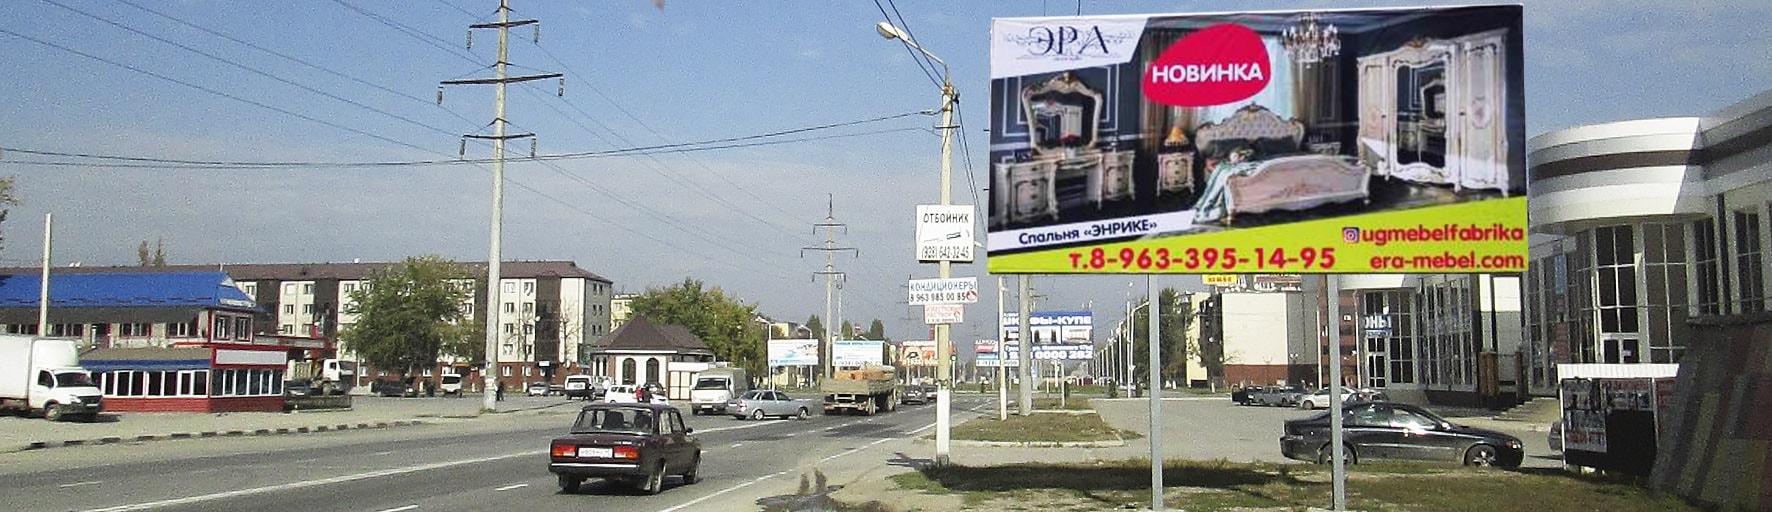 Наружная реклама на билбордах Чечня